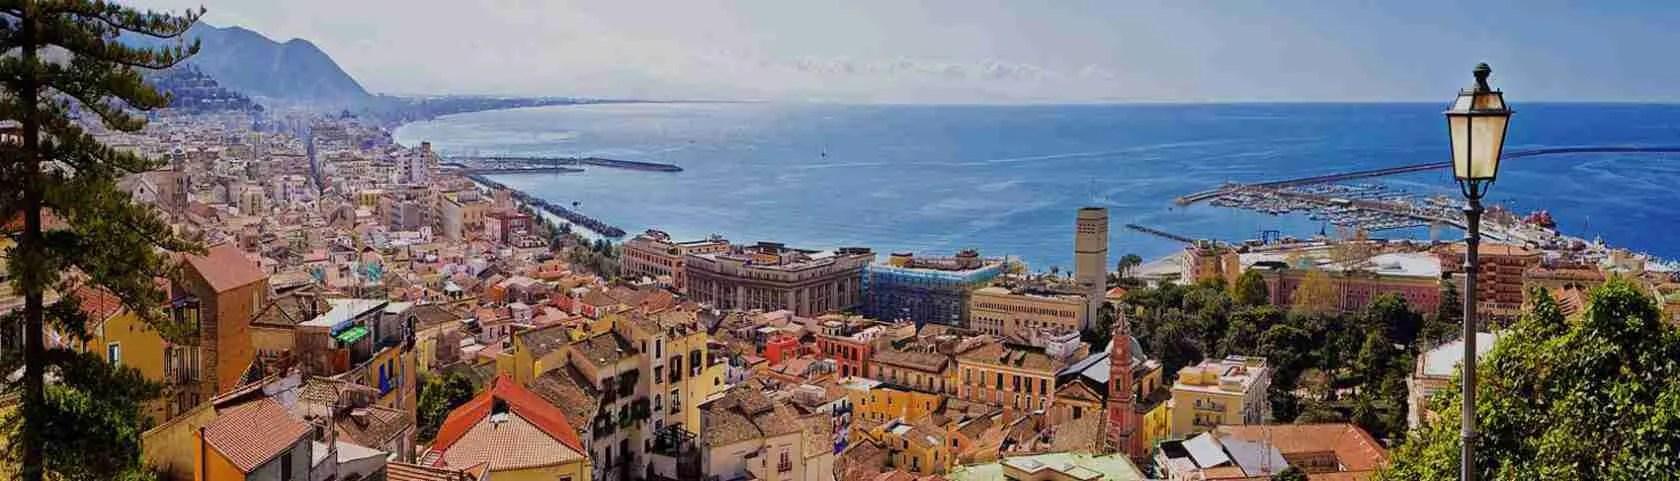 La vista mozzafiato che potrai goderti ammirando la città di Salerno sarà ancora più bella in compagnia di una escort Salerno. Magica Escort